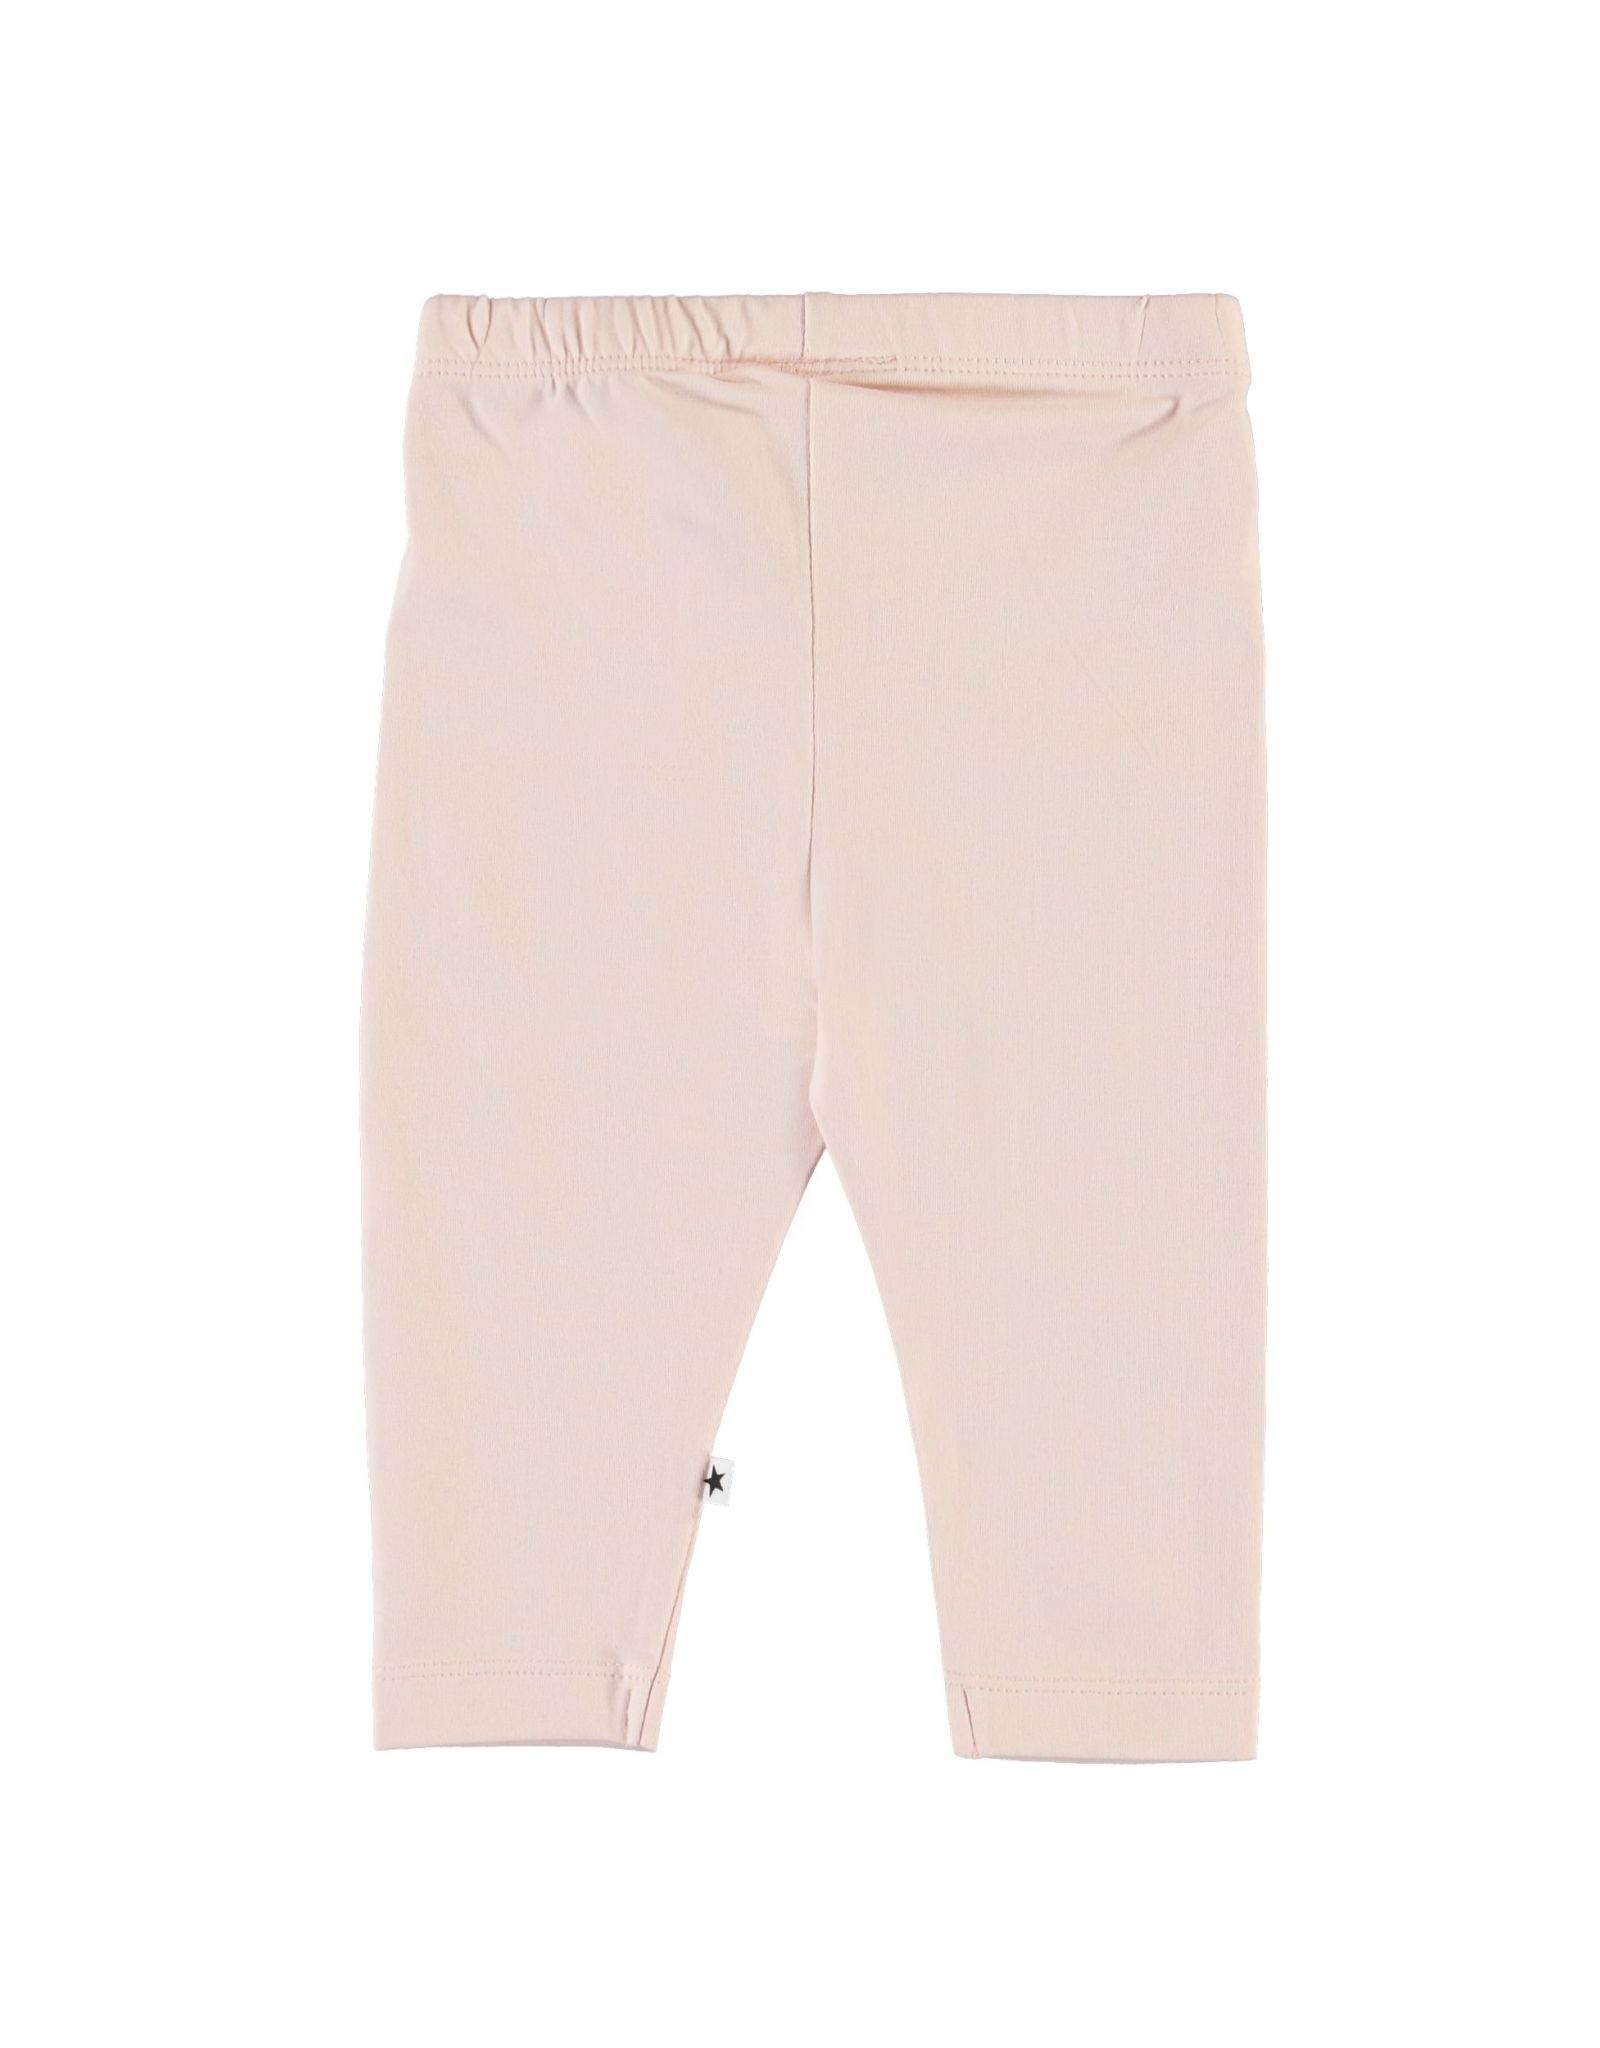 Molo Nette Peach Blossom Leggings